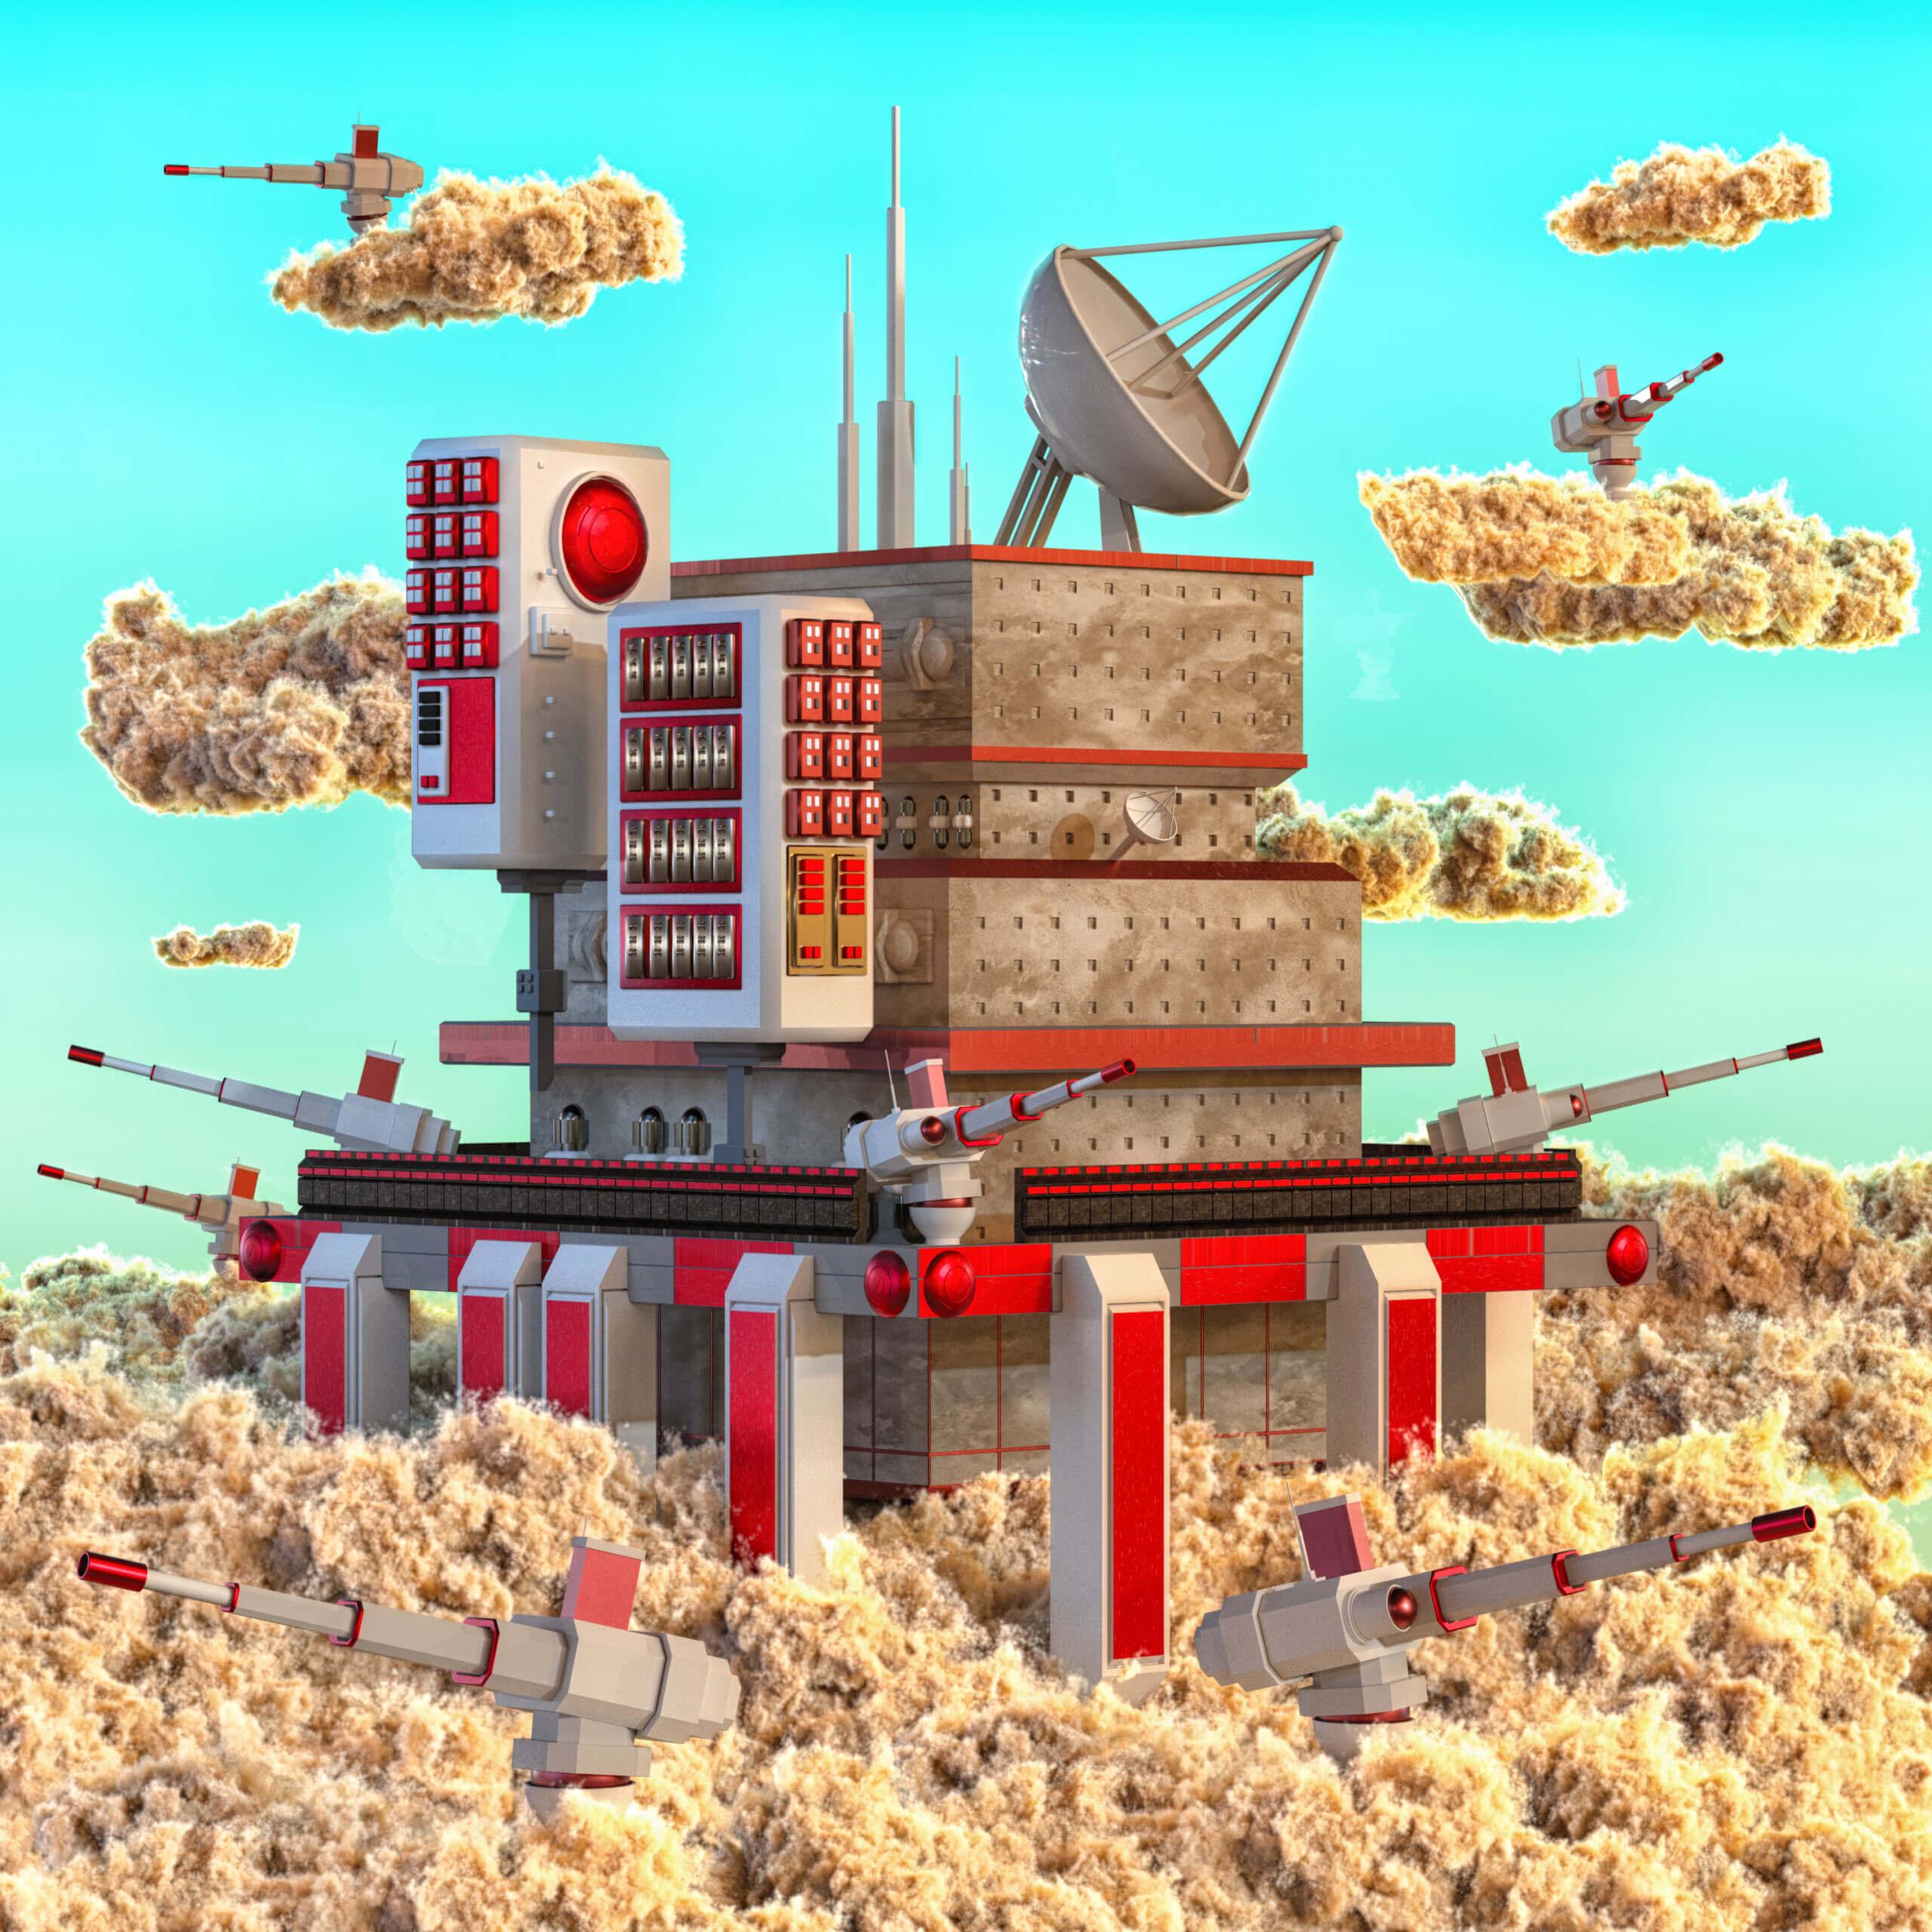 050621_skybuildings_master_1